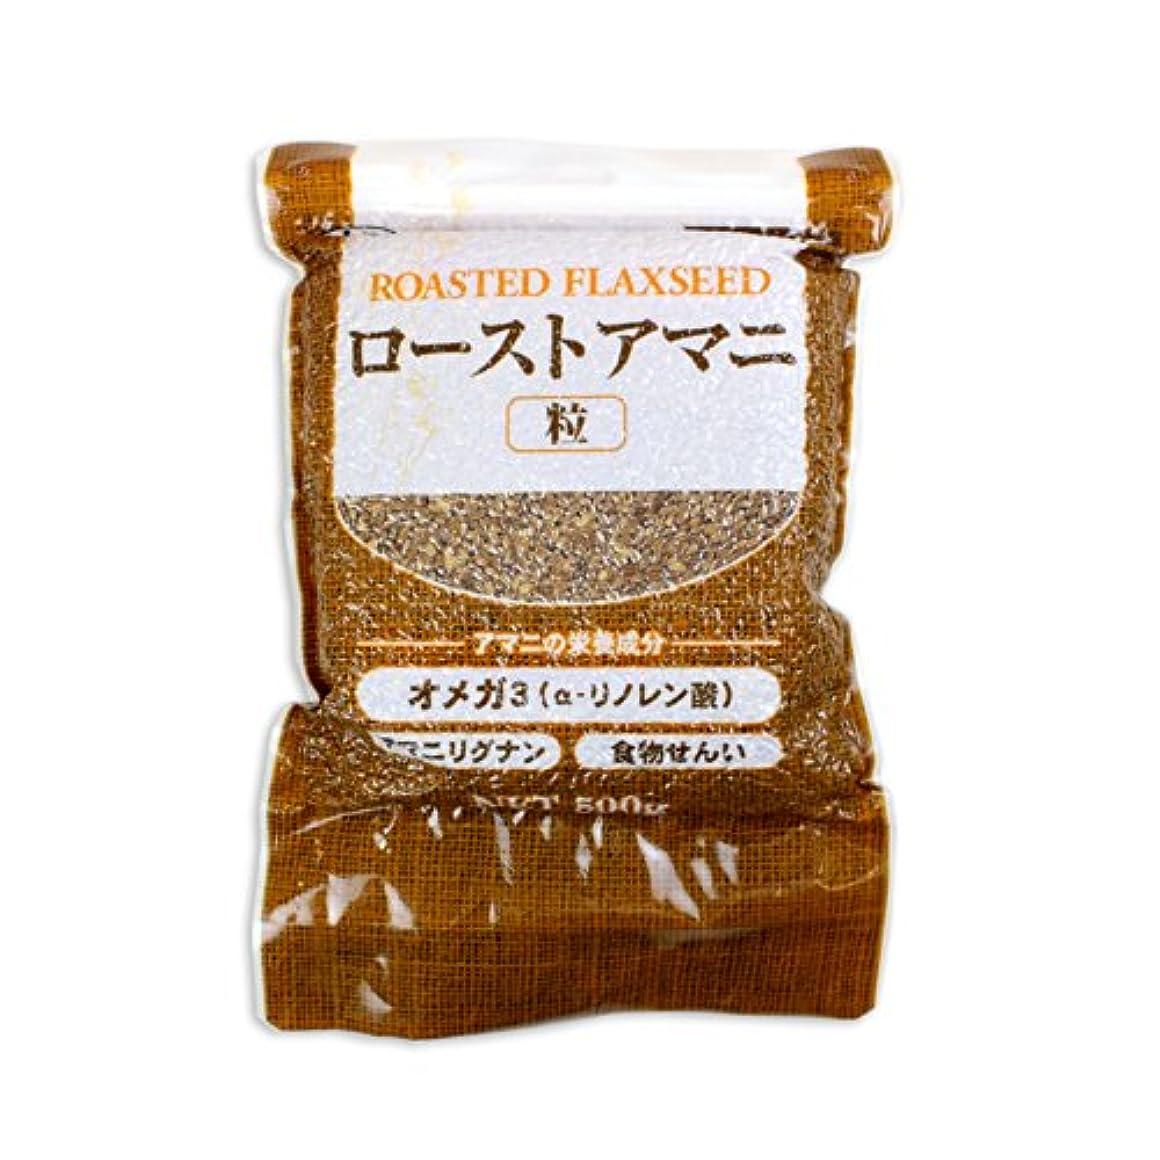 ところで通常メインローストアマニ 粒 日本製粉 500g